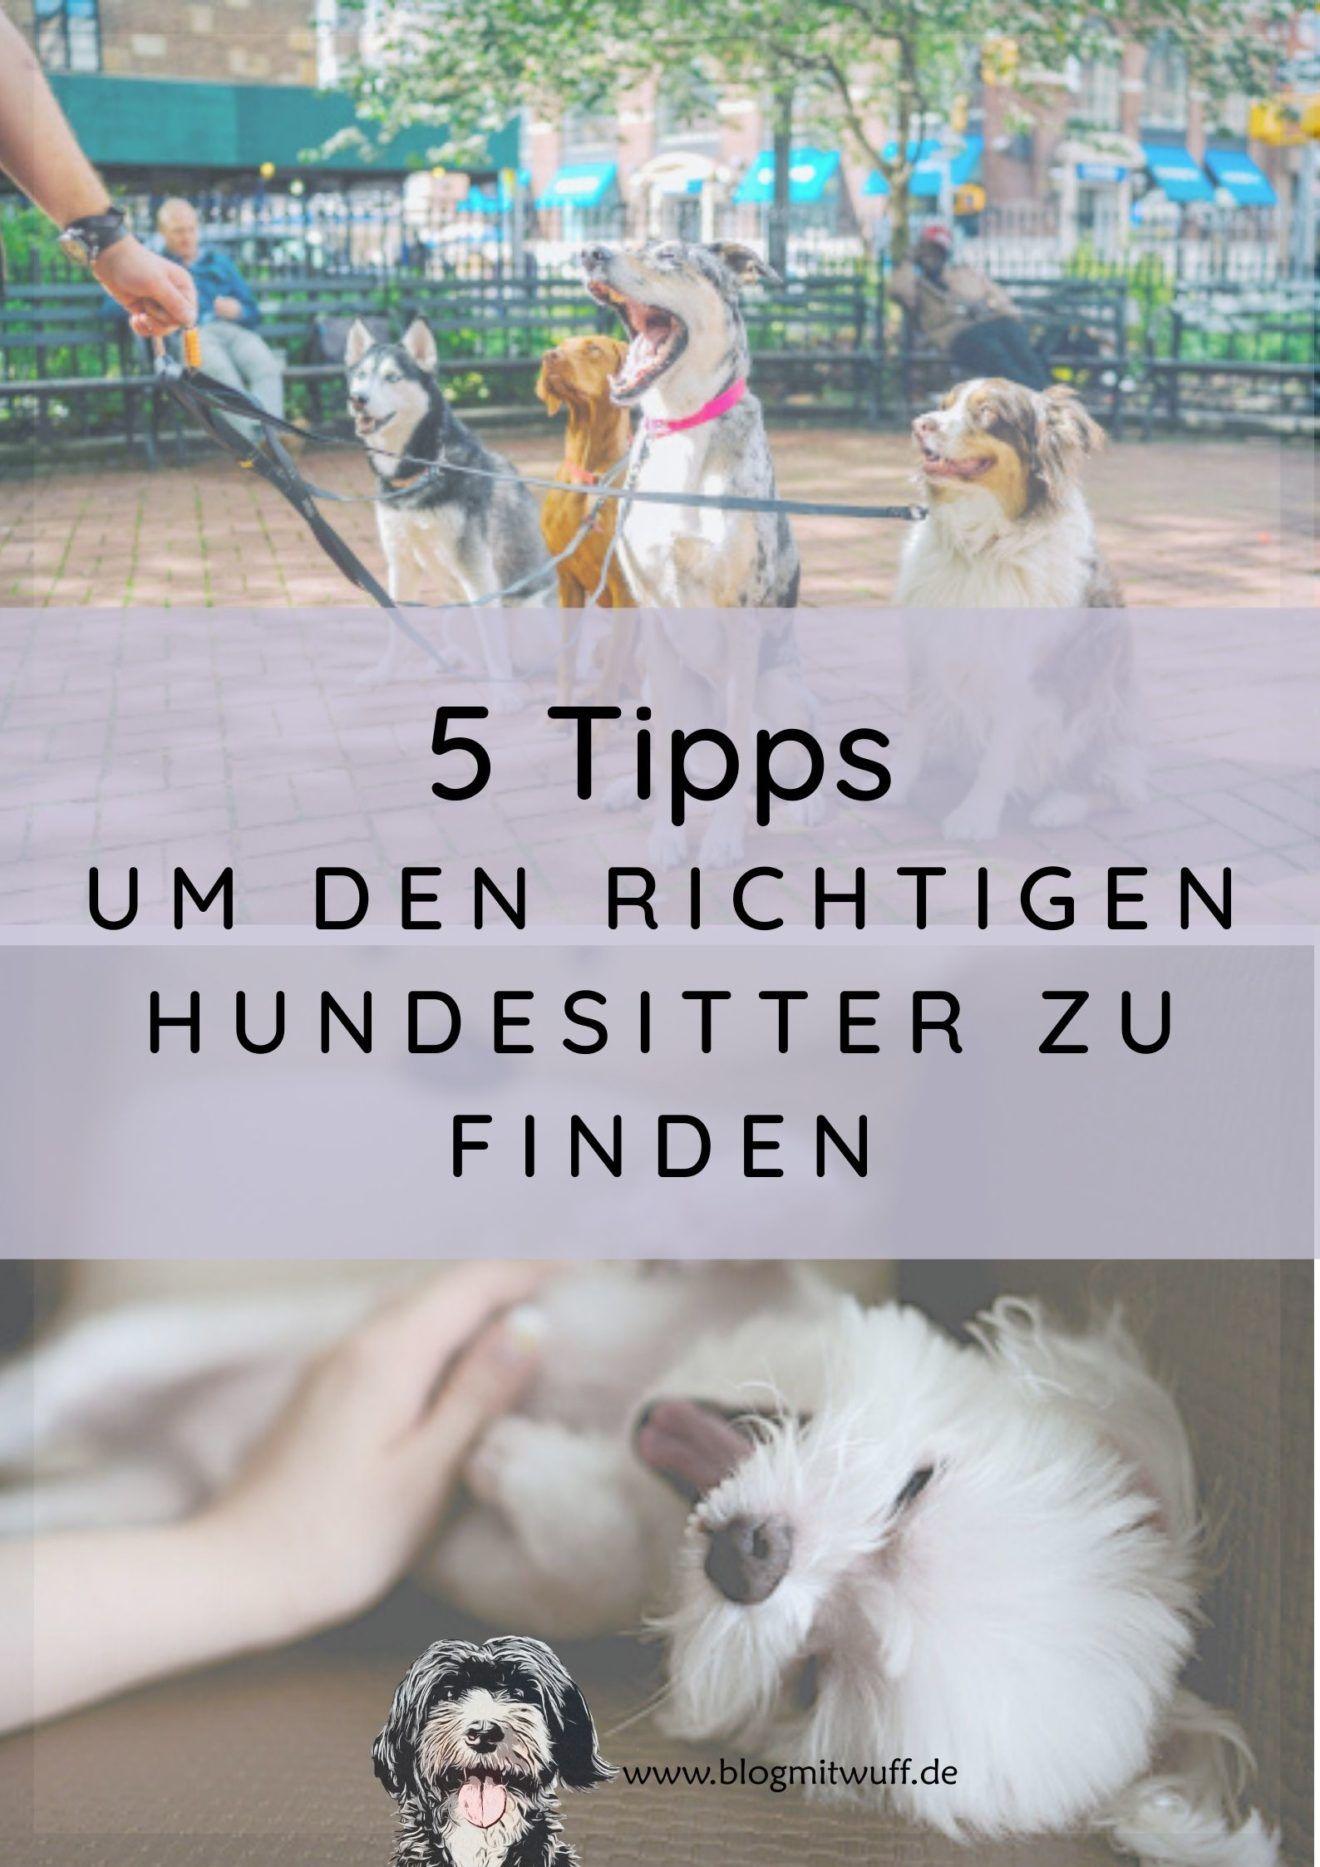 Blog Mit Wuff Hundeblog Hundeblog Menschliches Diverses Gedanken Eines Hundehalters In 2020 Hunde Tag Halte Durch Hundeliege